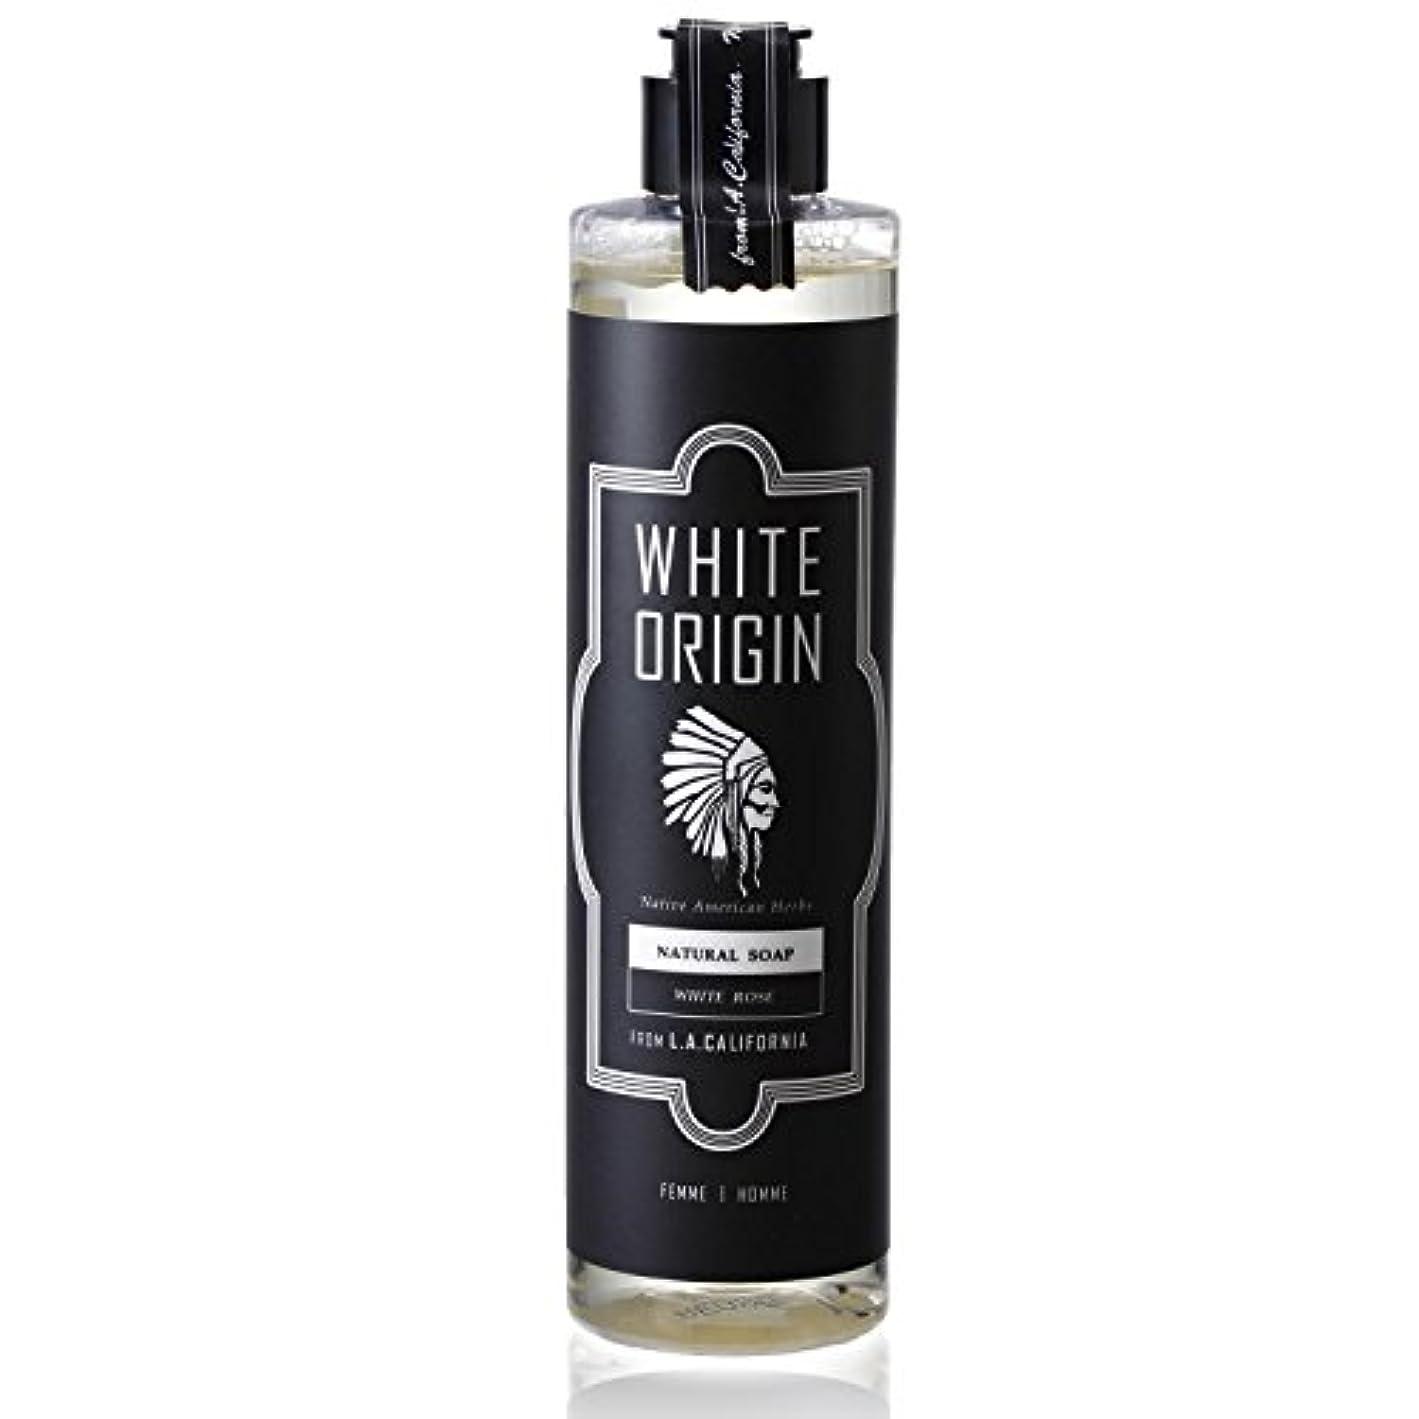 遠いビットランデブーWHITE ORIGIN ボディソープ 300ml 加齢臭 ケア オーガニック ナチュラル 男前 乾燥 ホワイトローズ